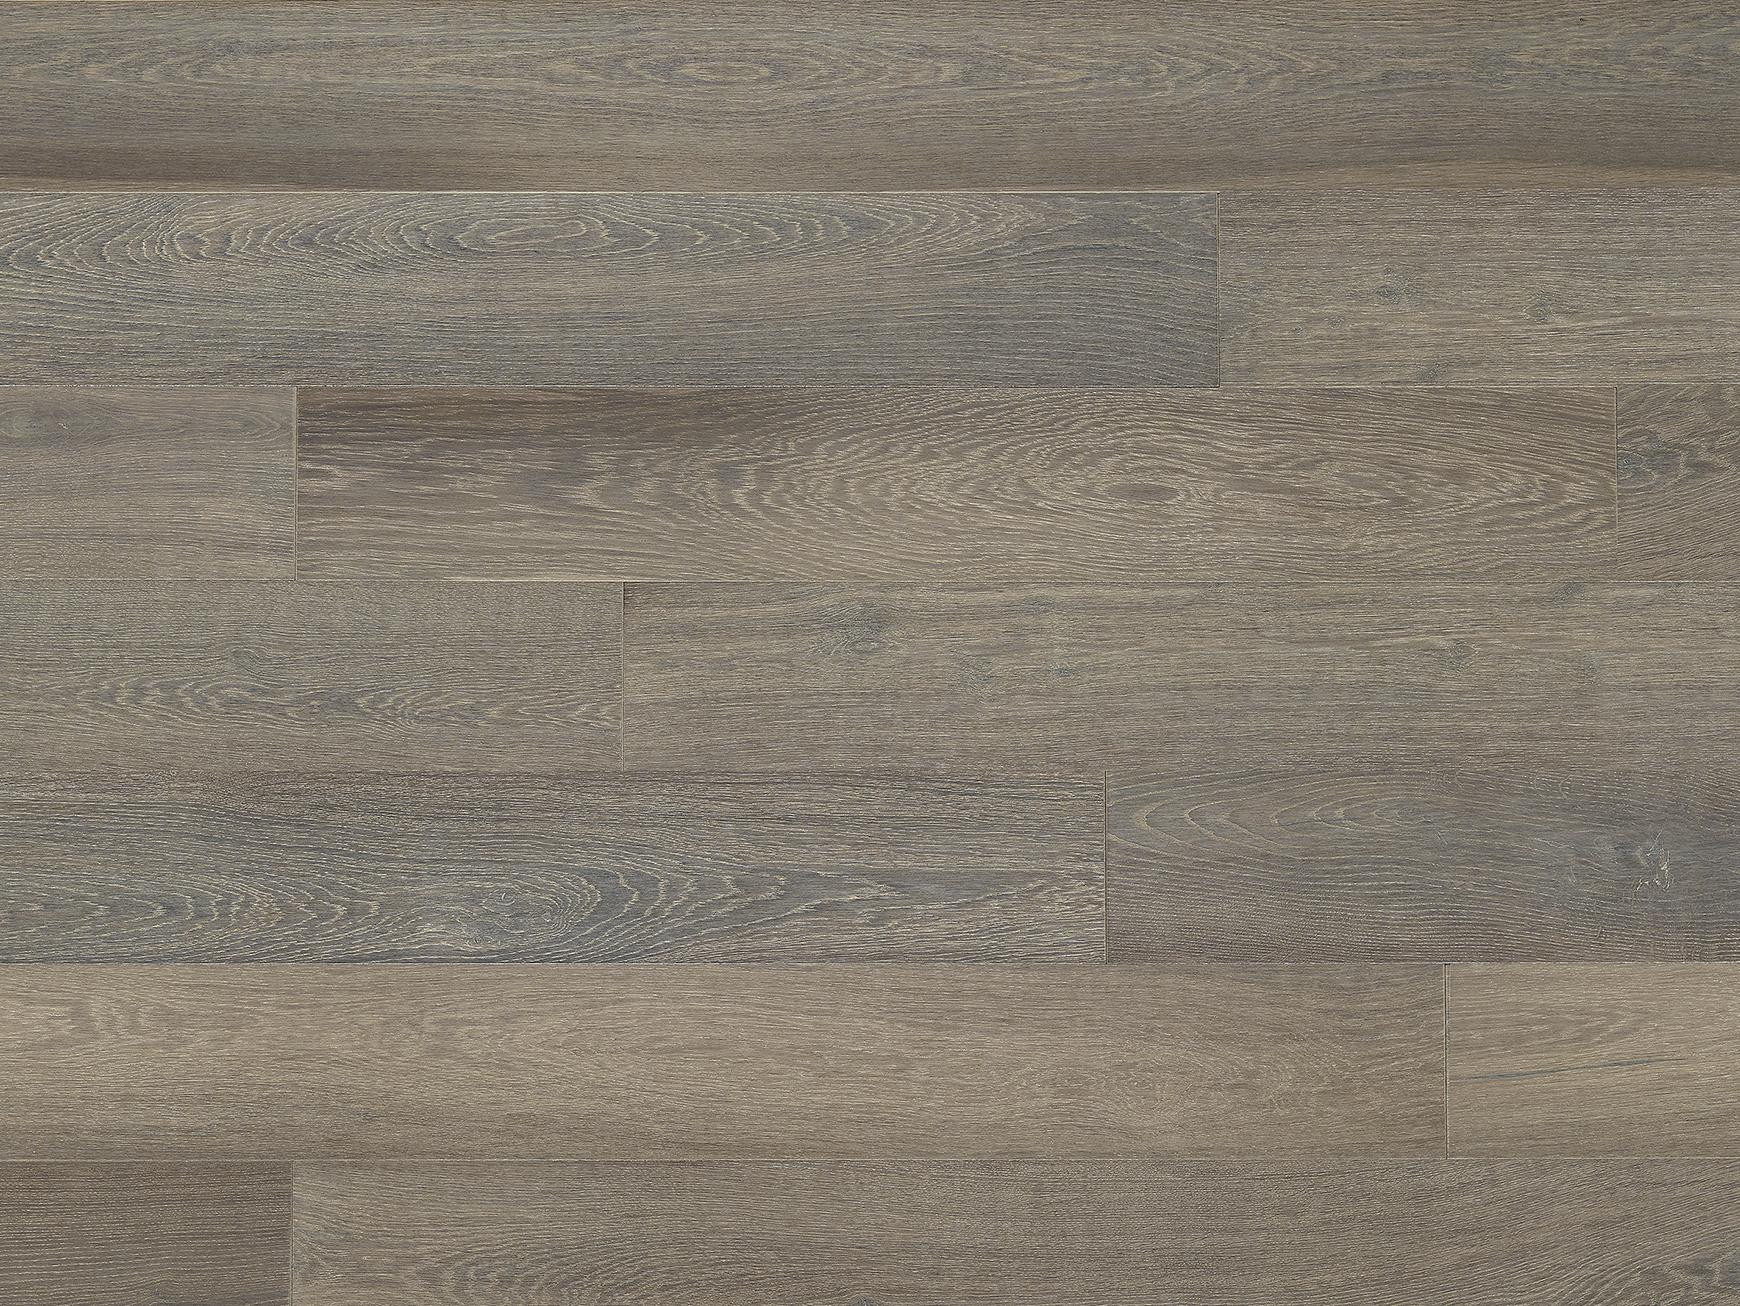 monarch lago vico 1 - Jeffco Flooring